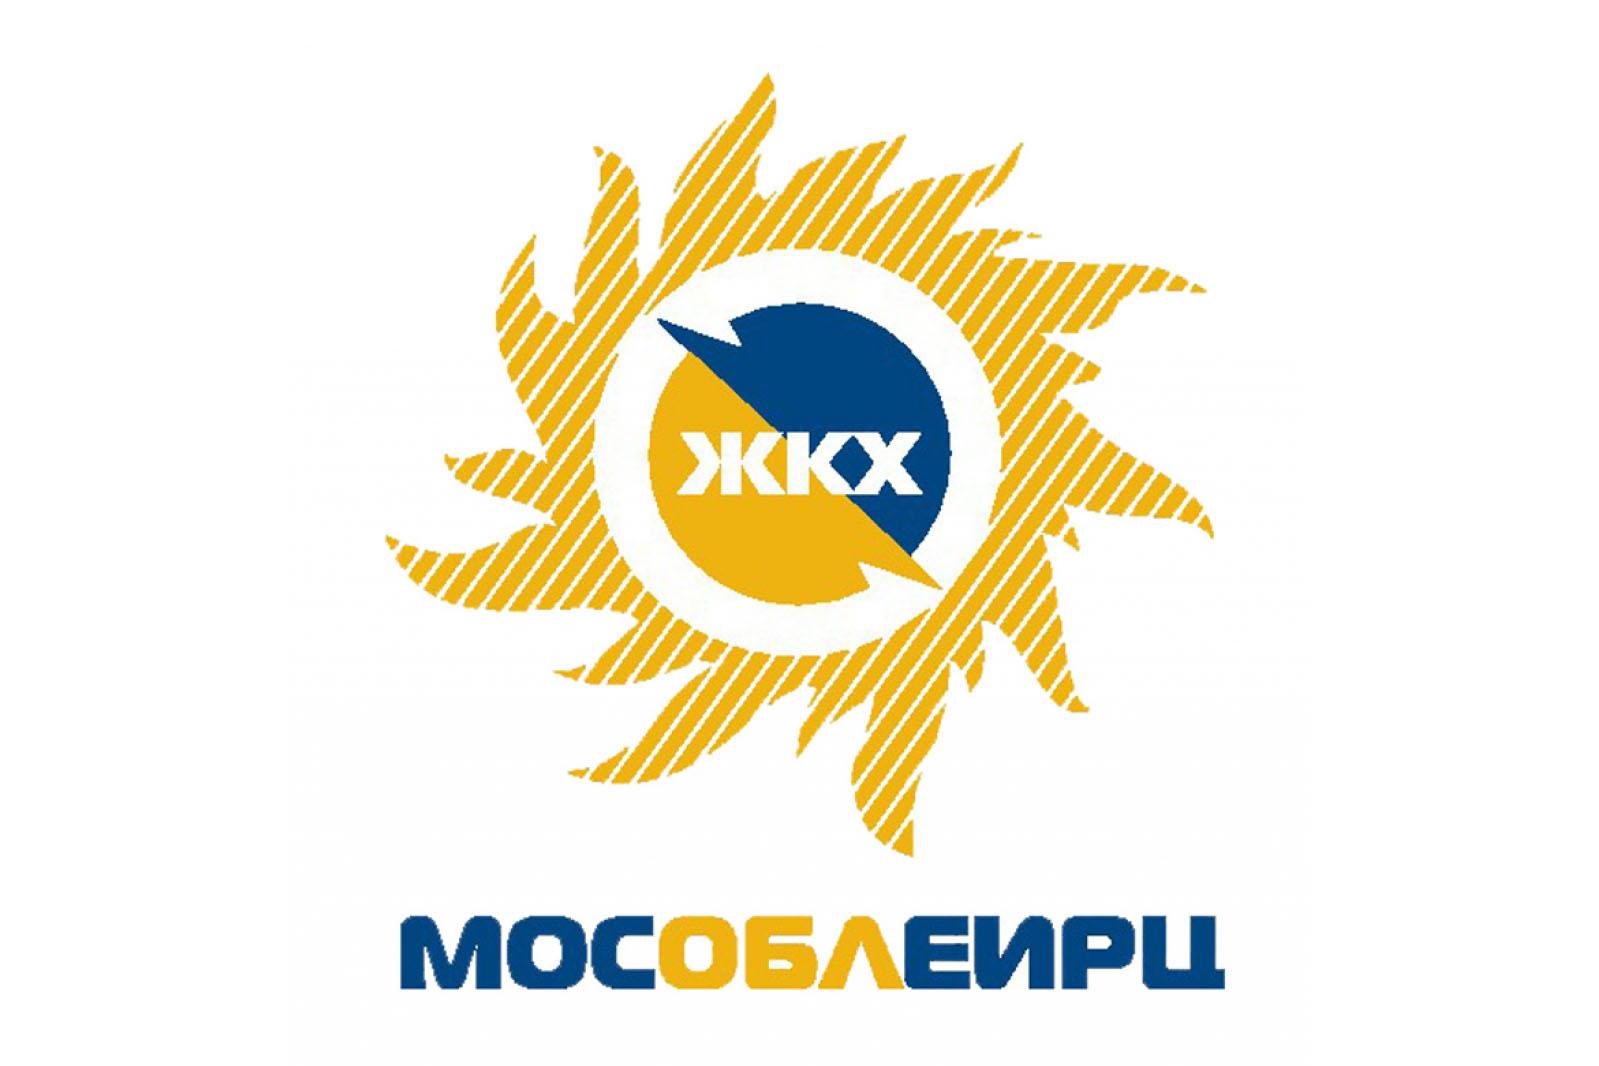 МосОблЕИРЦ информирует об изменении сроков приёма показаний приборов учёта для жителей сельских населённых пунктов в декабре